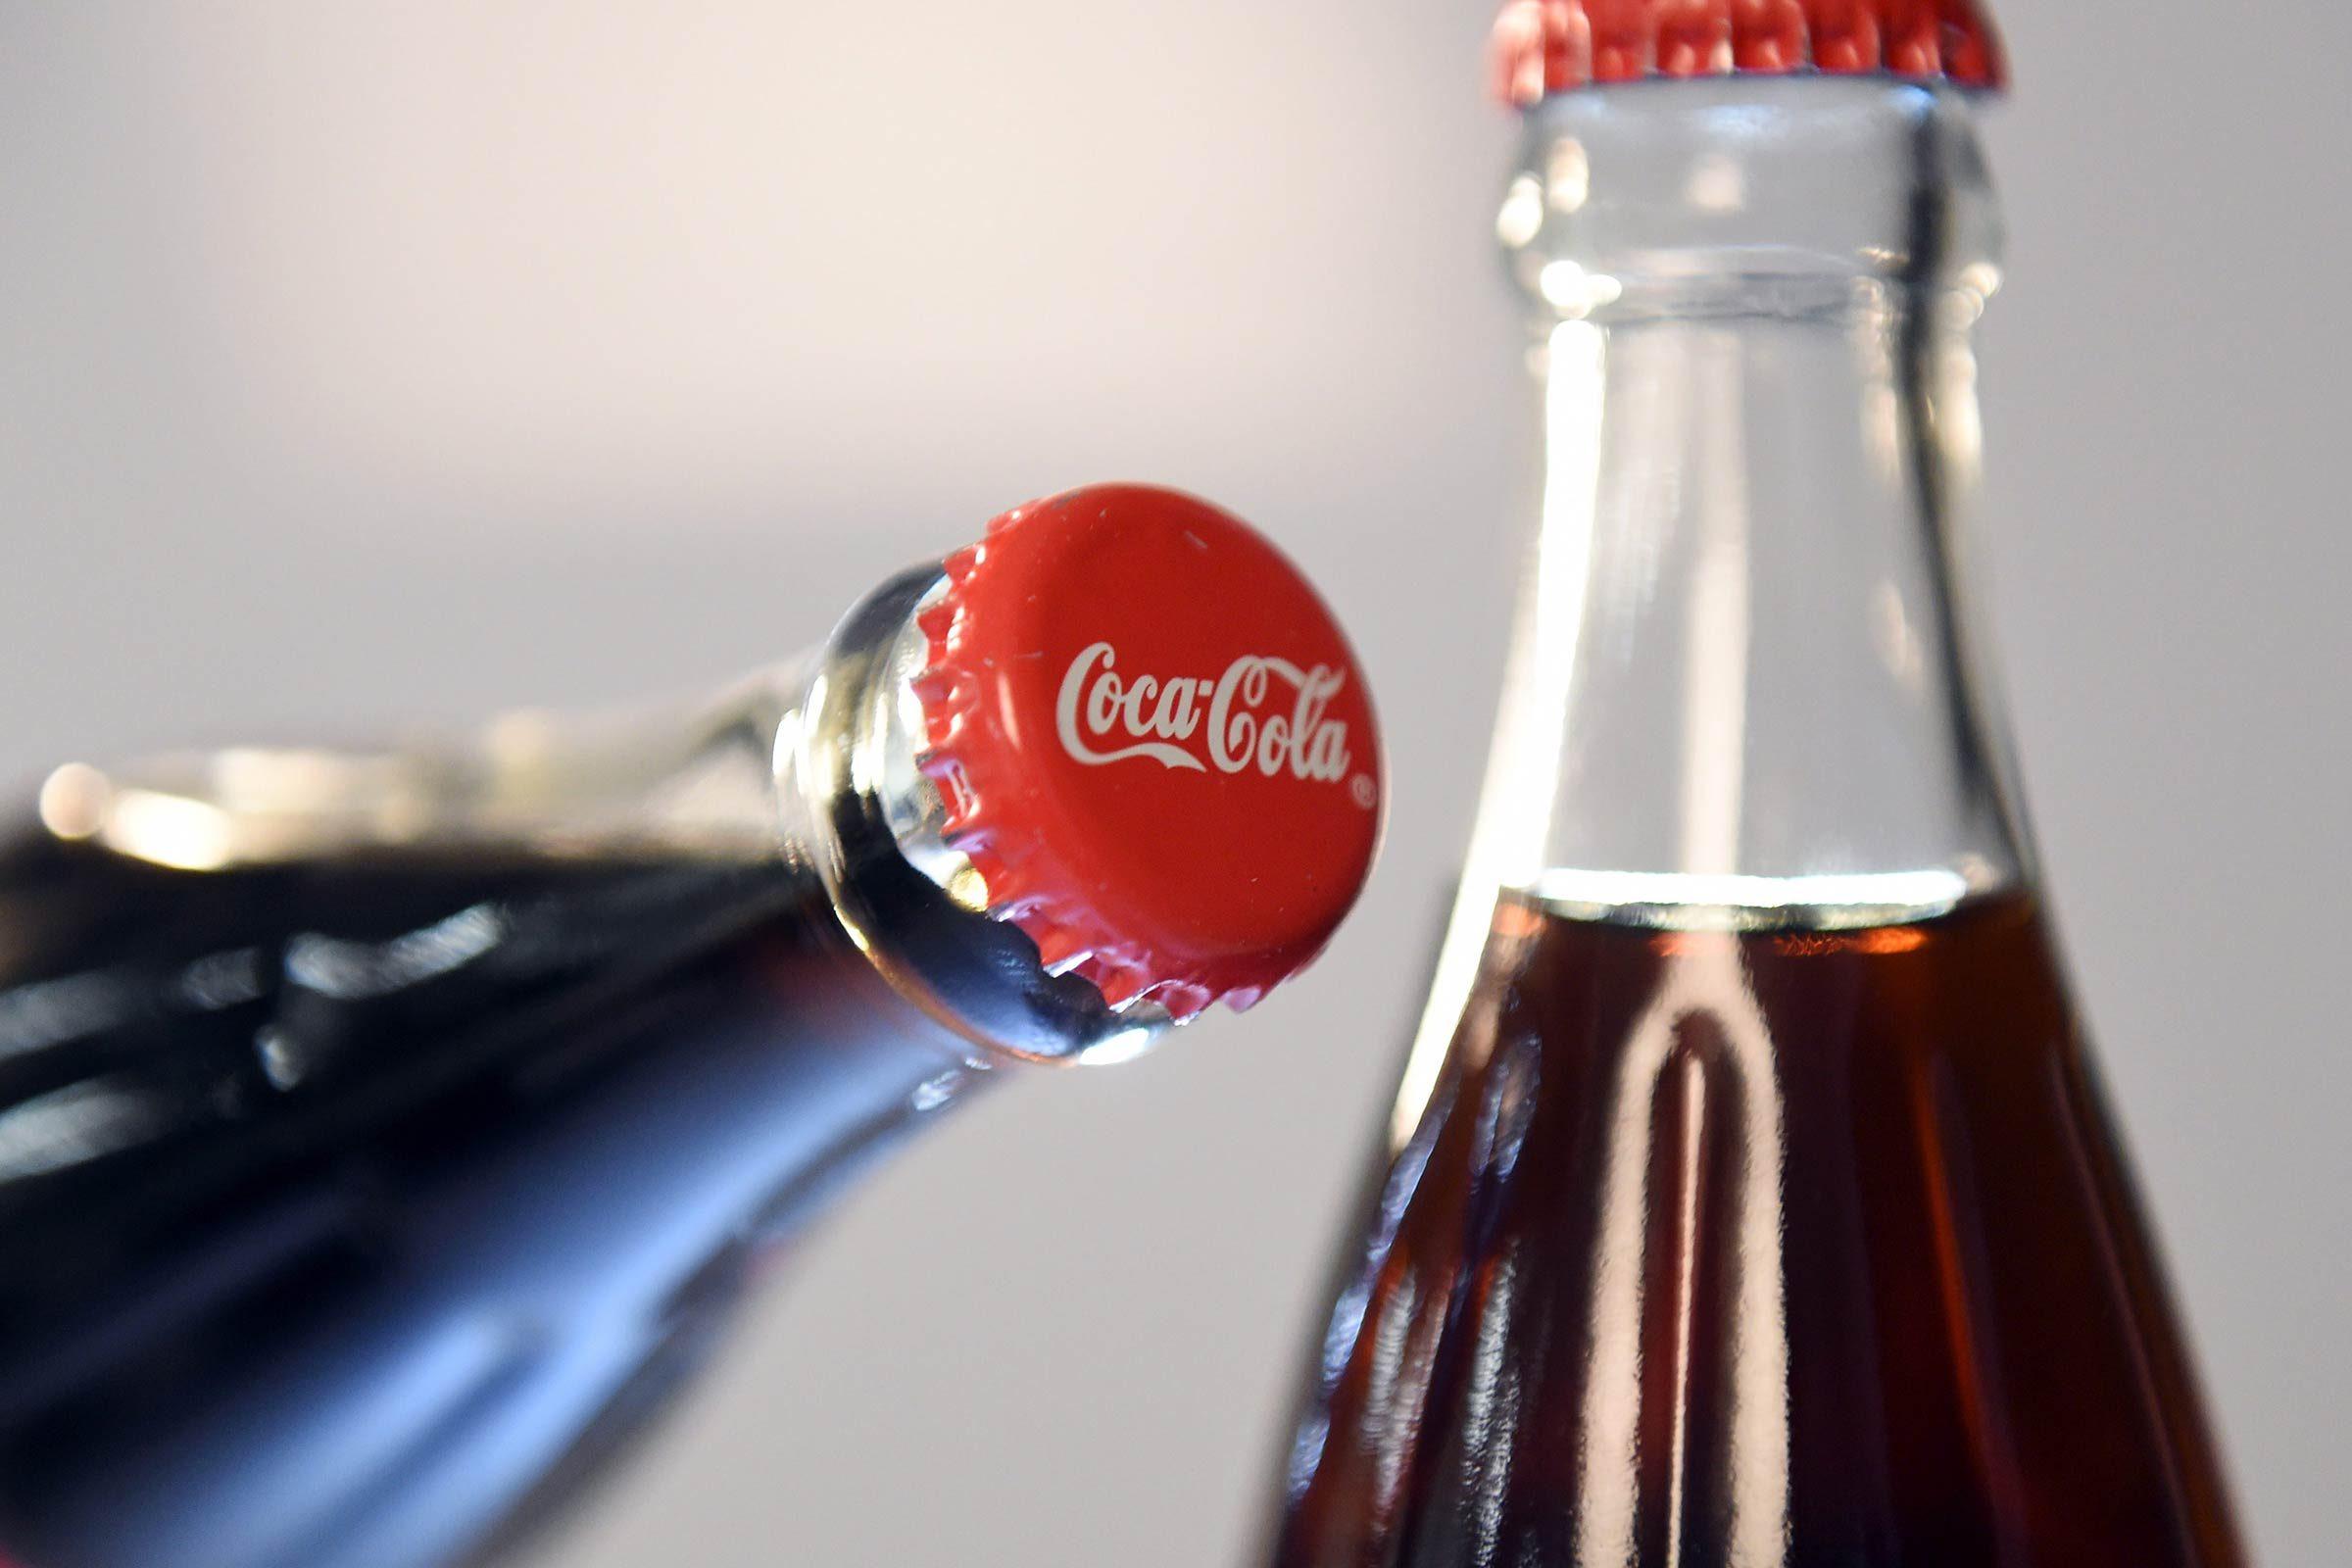 Map Of Us Coke Pop Soda Globalinterco - Map of us coke pop soda